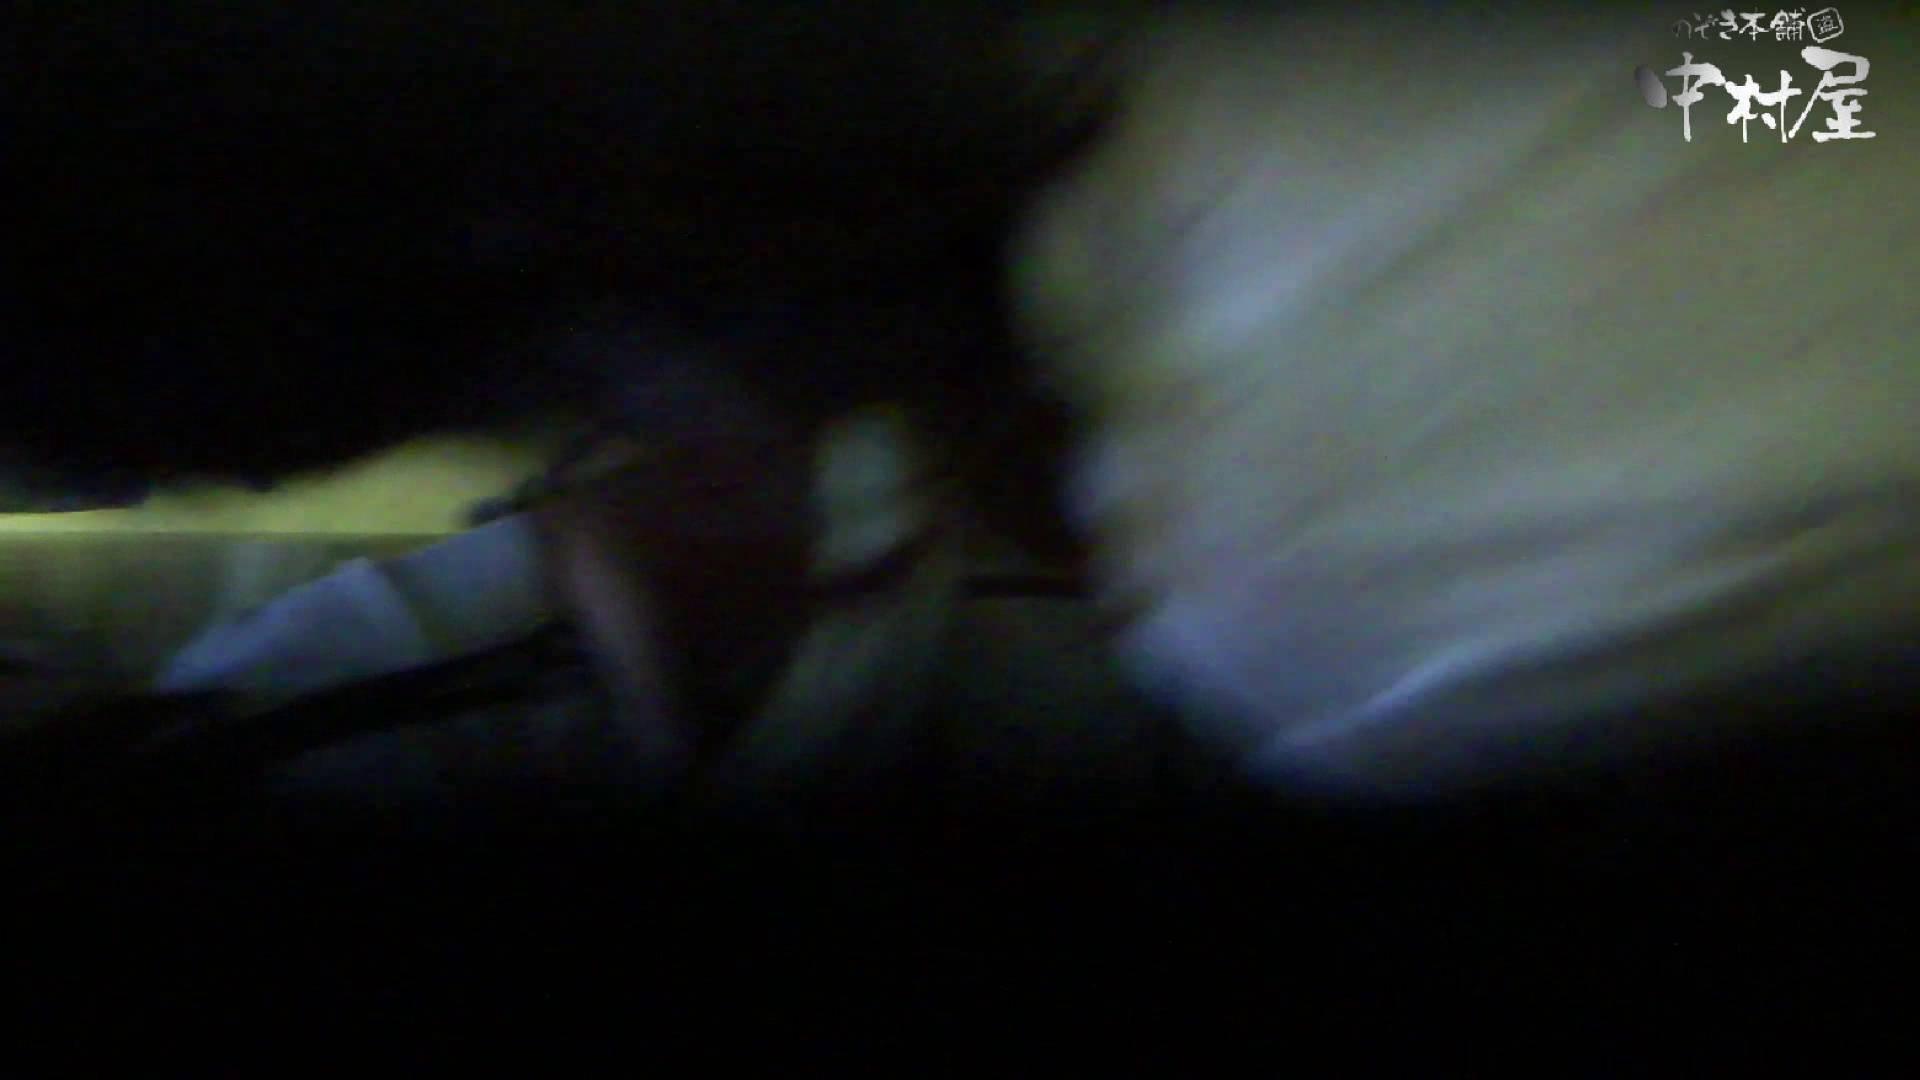 【美人が集まるファッションショッピングセンター洗面所盗SATU】ギャルのツルピカ潜入盗satu!Vol.10 OLセックス 覗き性交動画流出 103画像 102